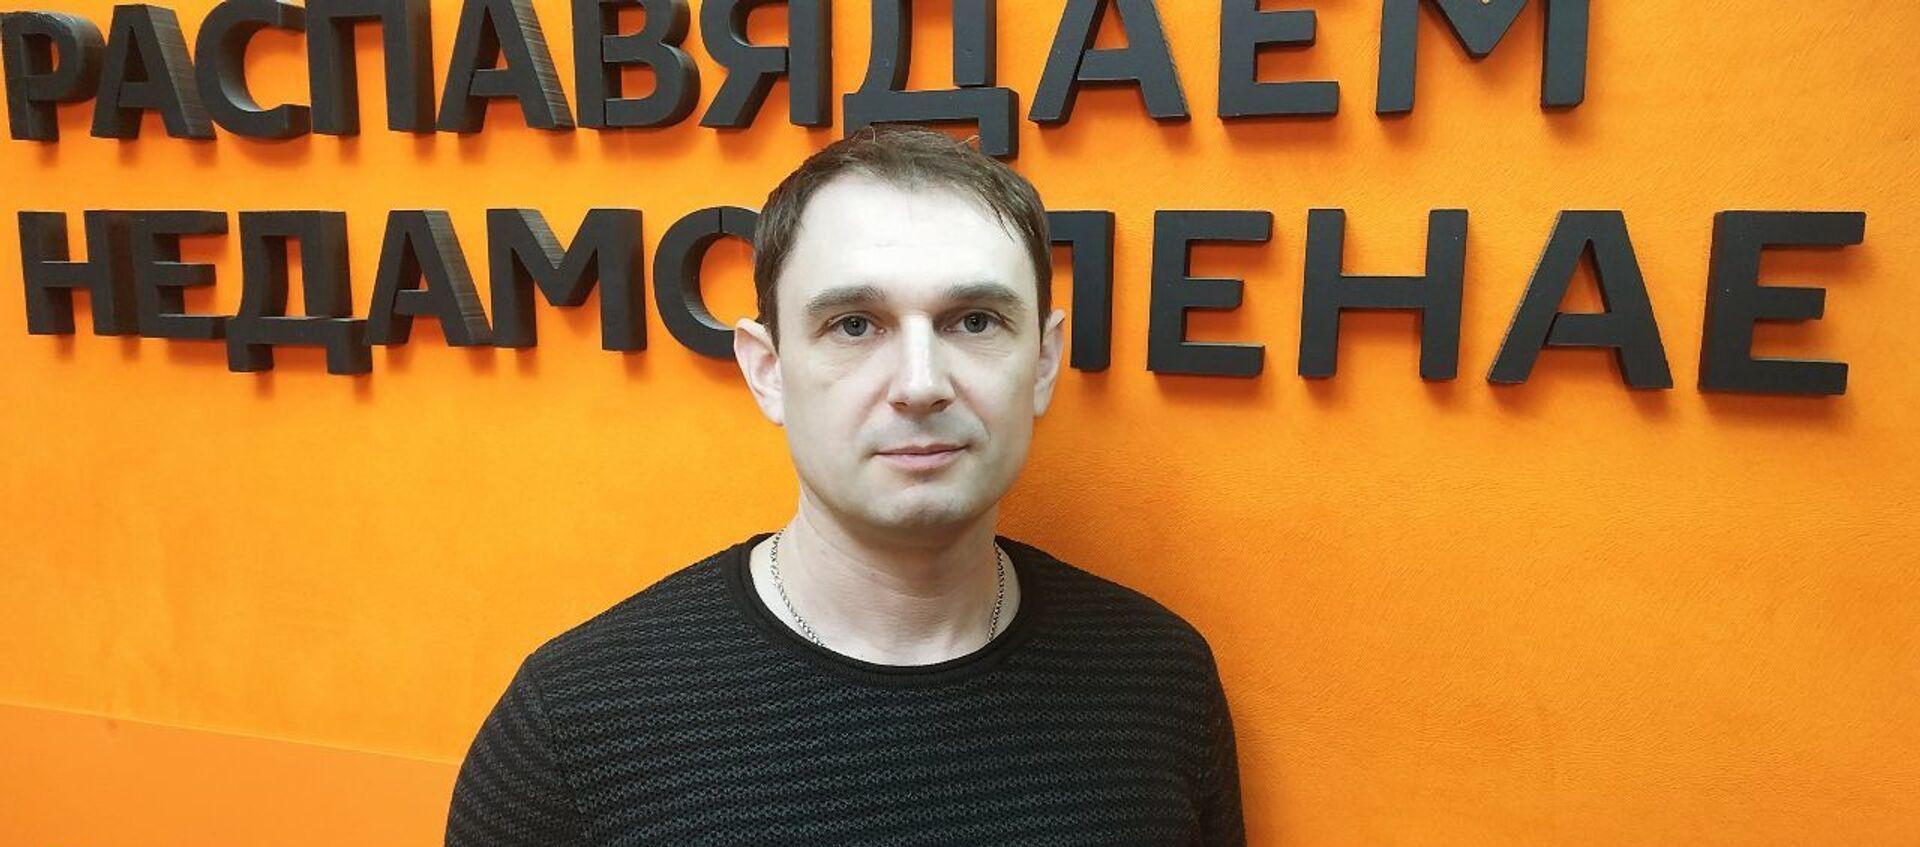 Шапко назвал наш главный общественный вывих - Sputnik Беларусь, 1920, 02.02.2021